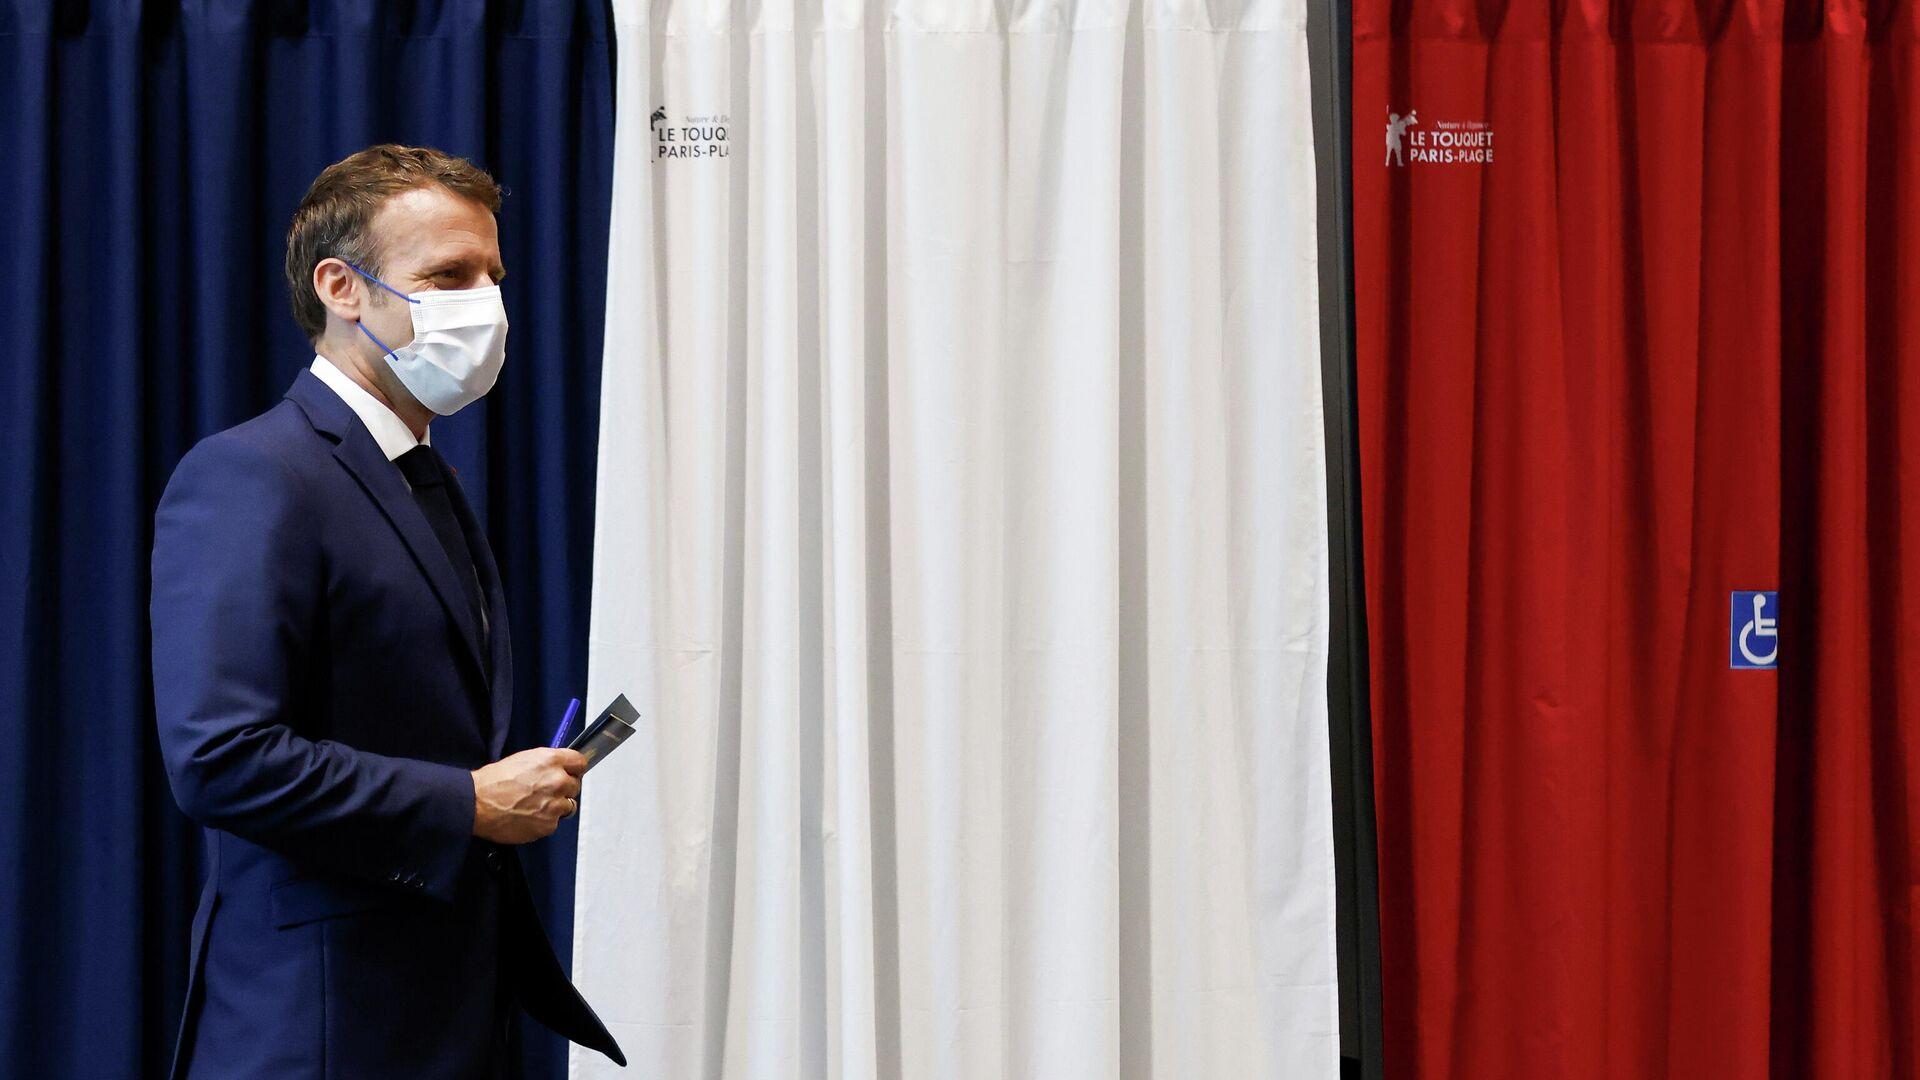 El presidente de Francia, Emmanuel Macron, vota en las elecciones regionales - Sputnik Mundo, 1920, 20.07.2021